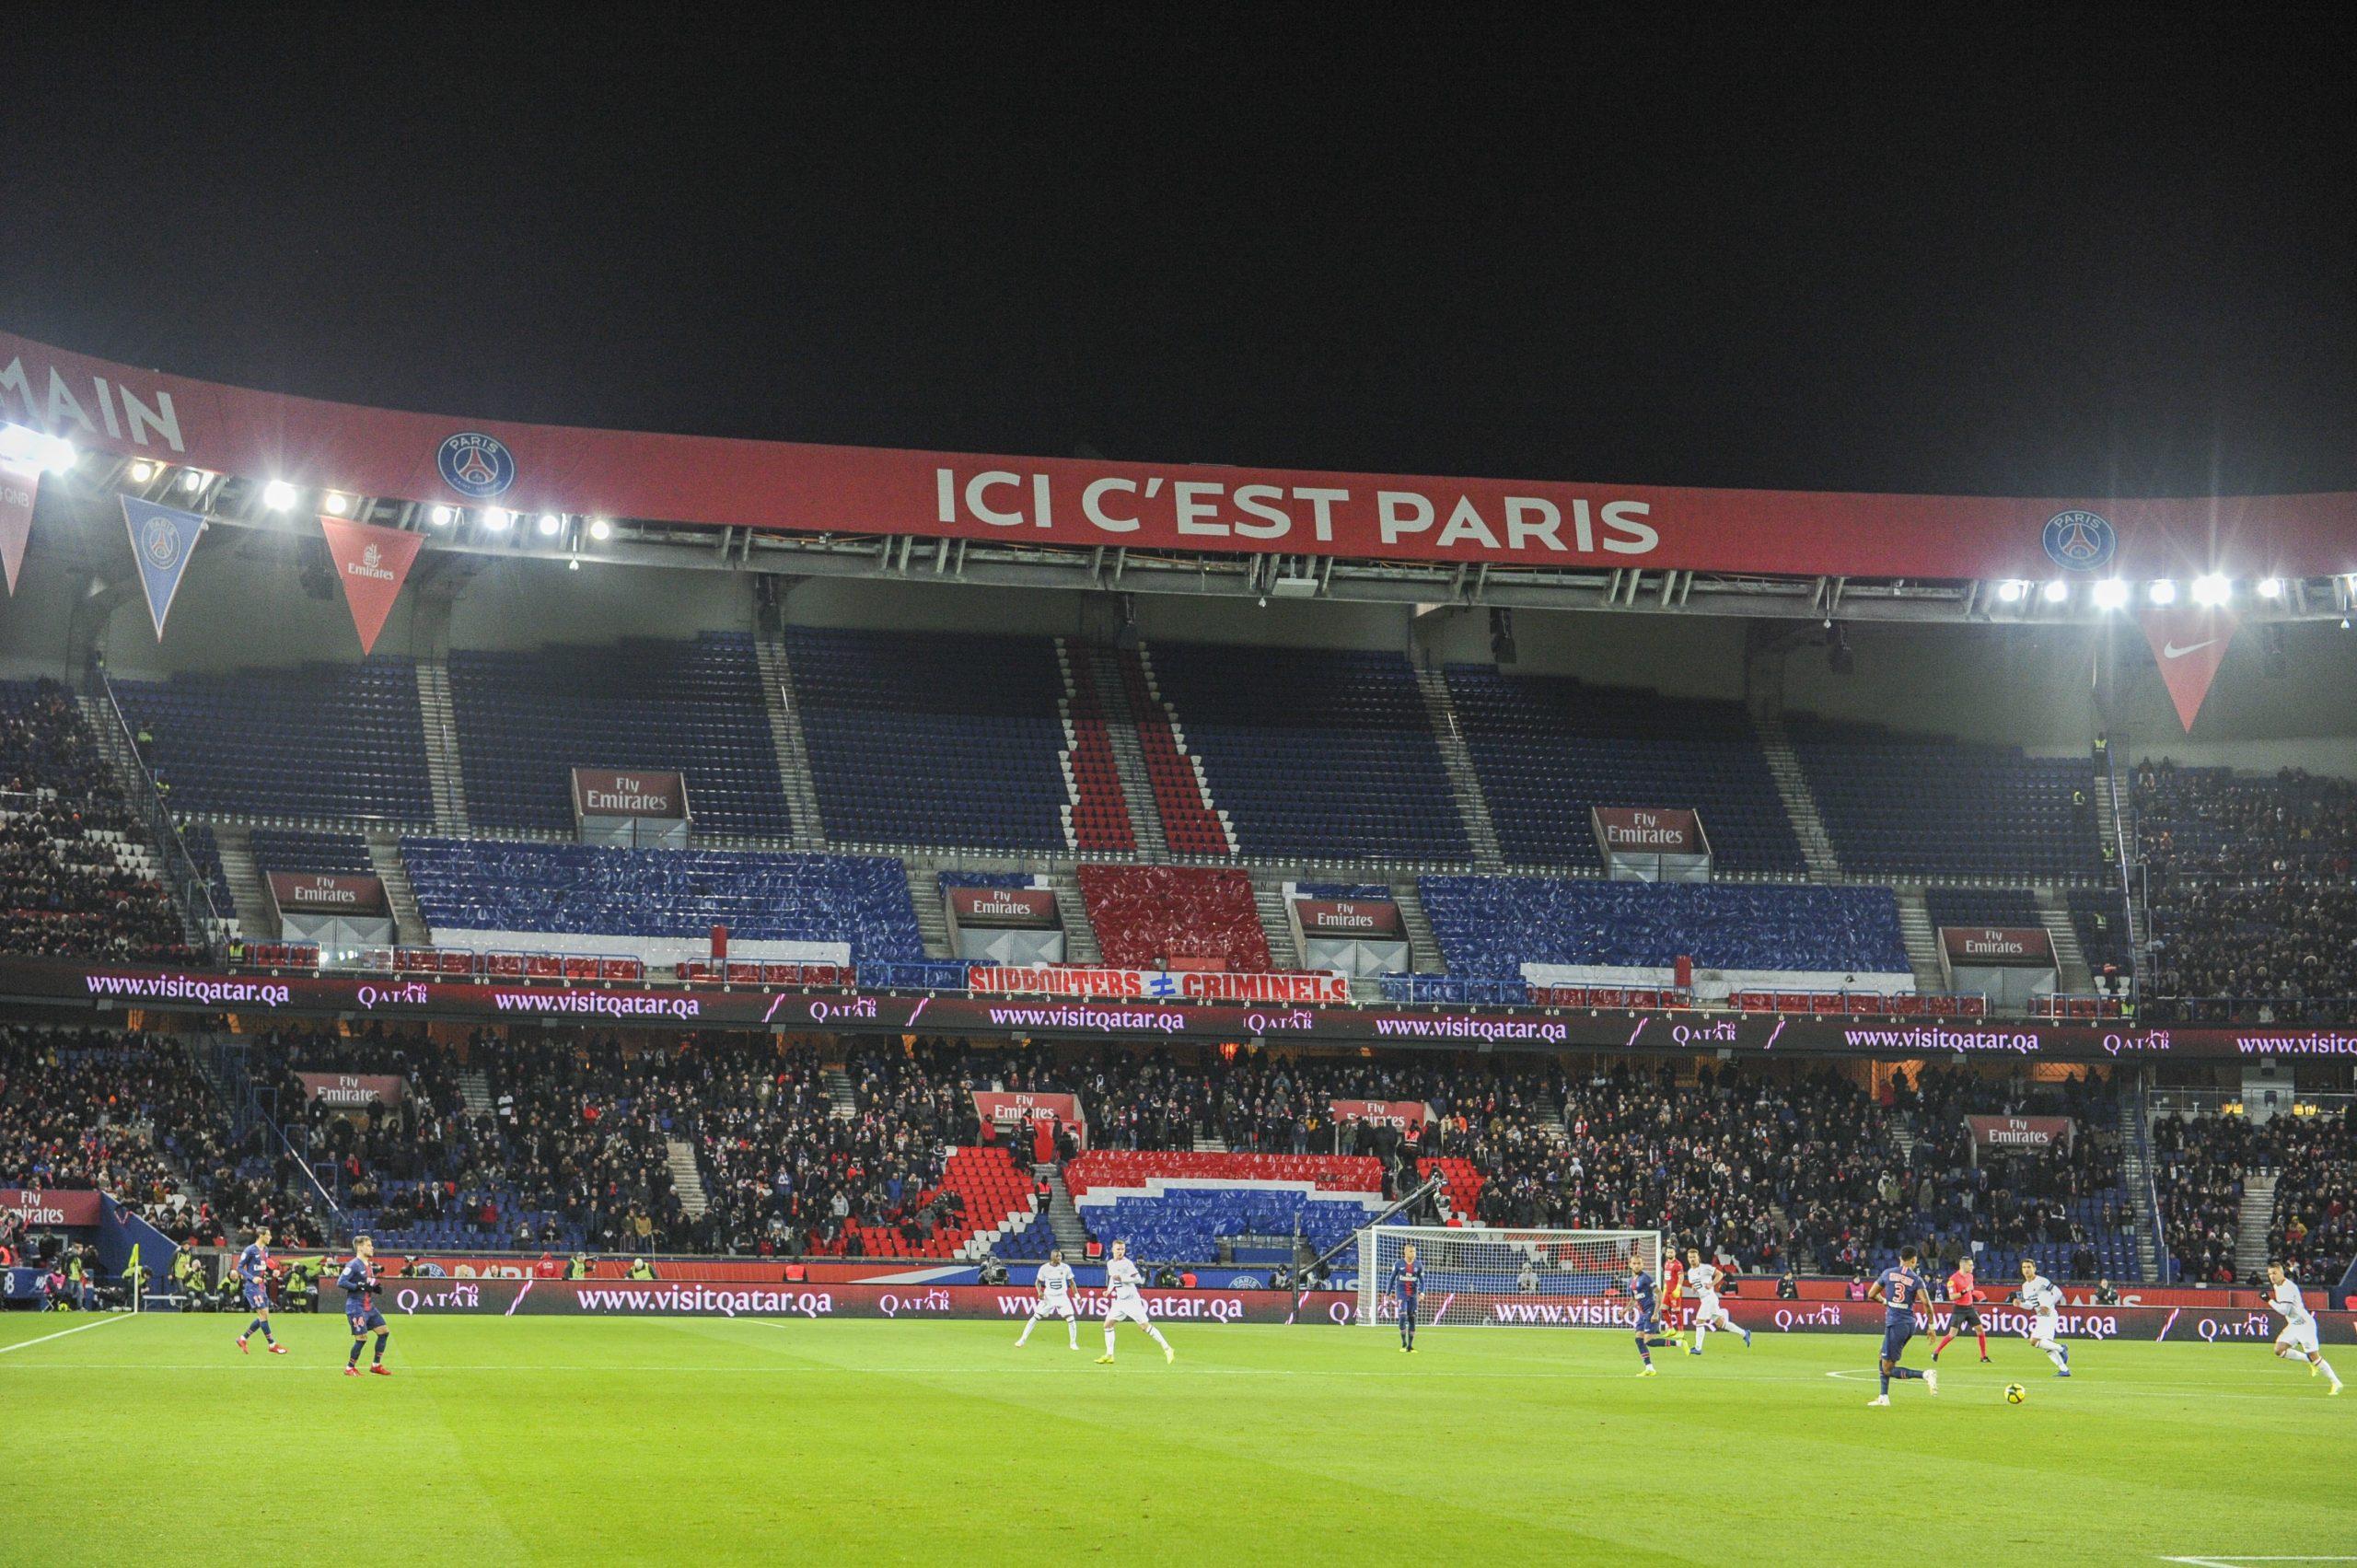 Le PSG pense au huis clos total pour une certaine période, selon L'Equipe